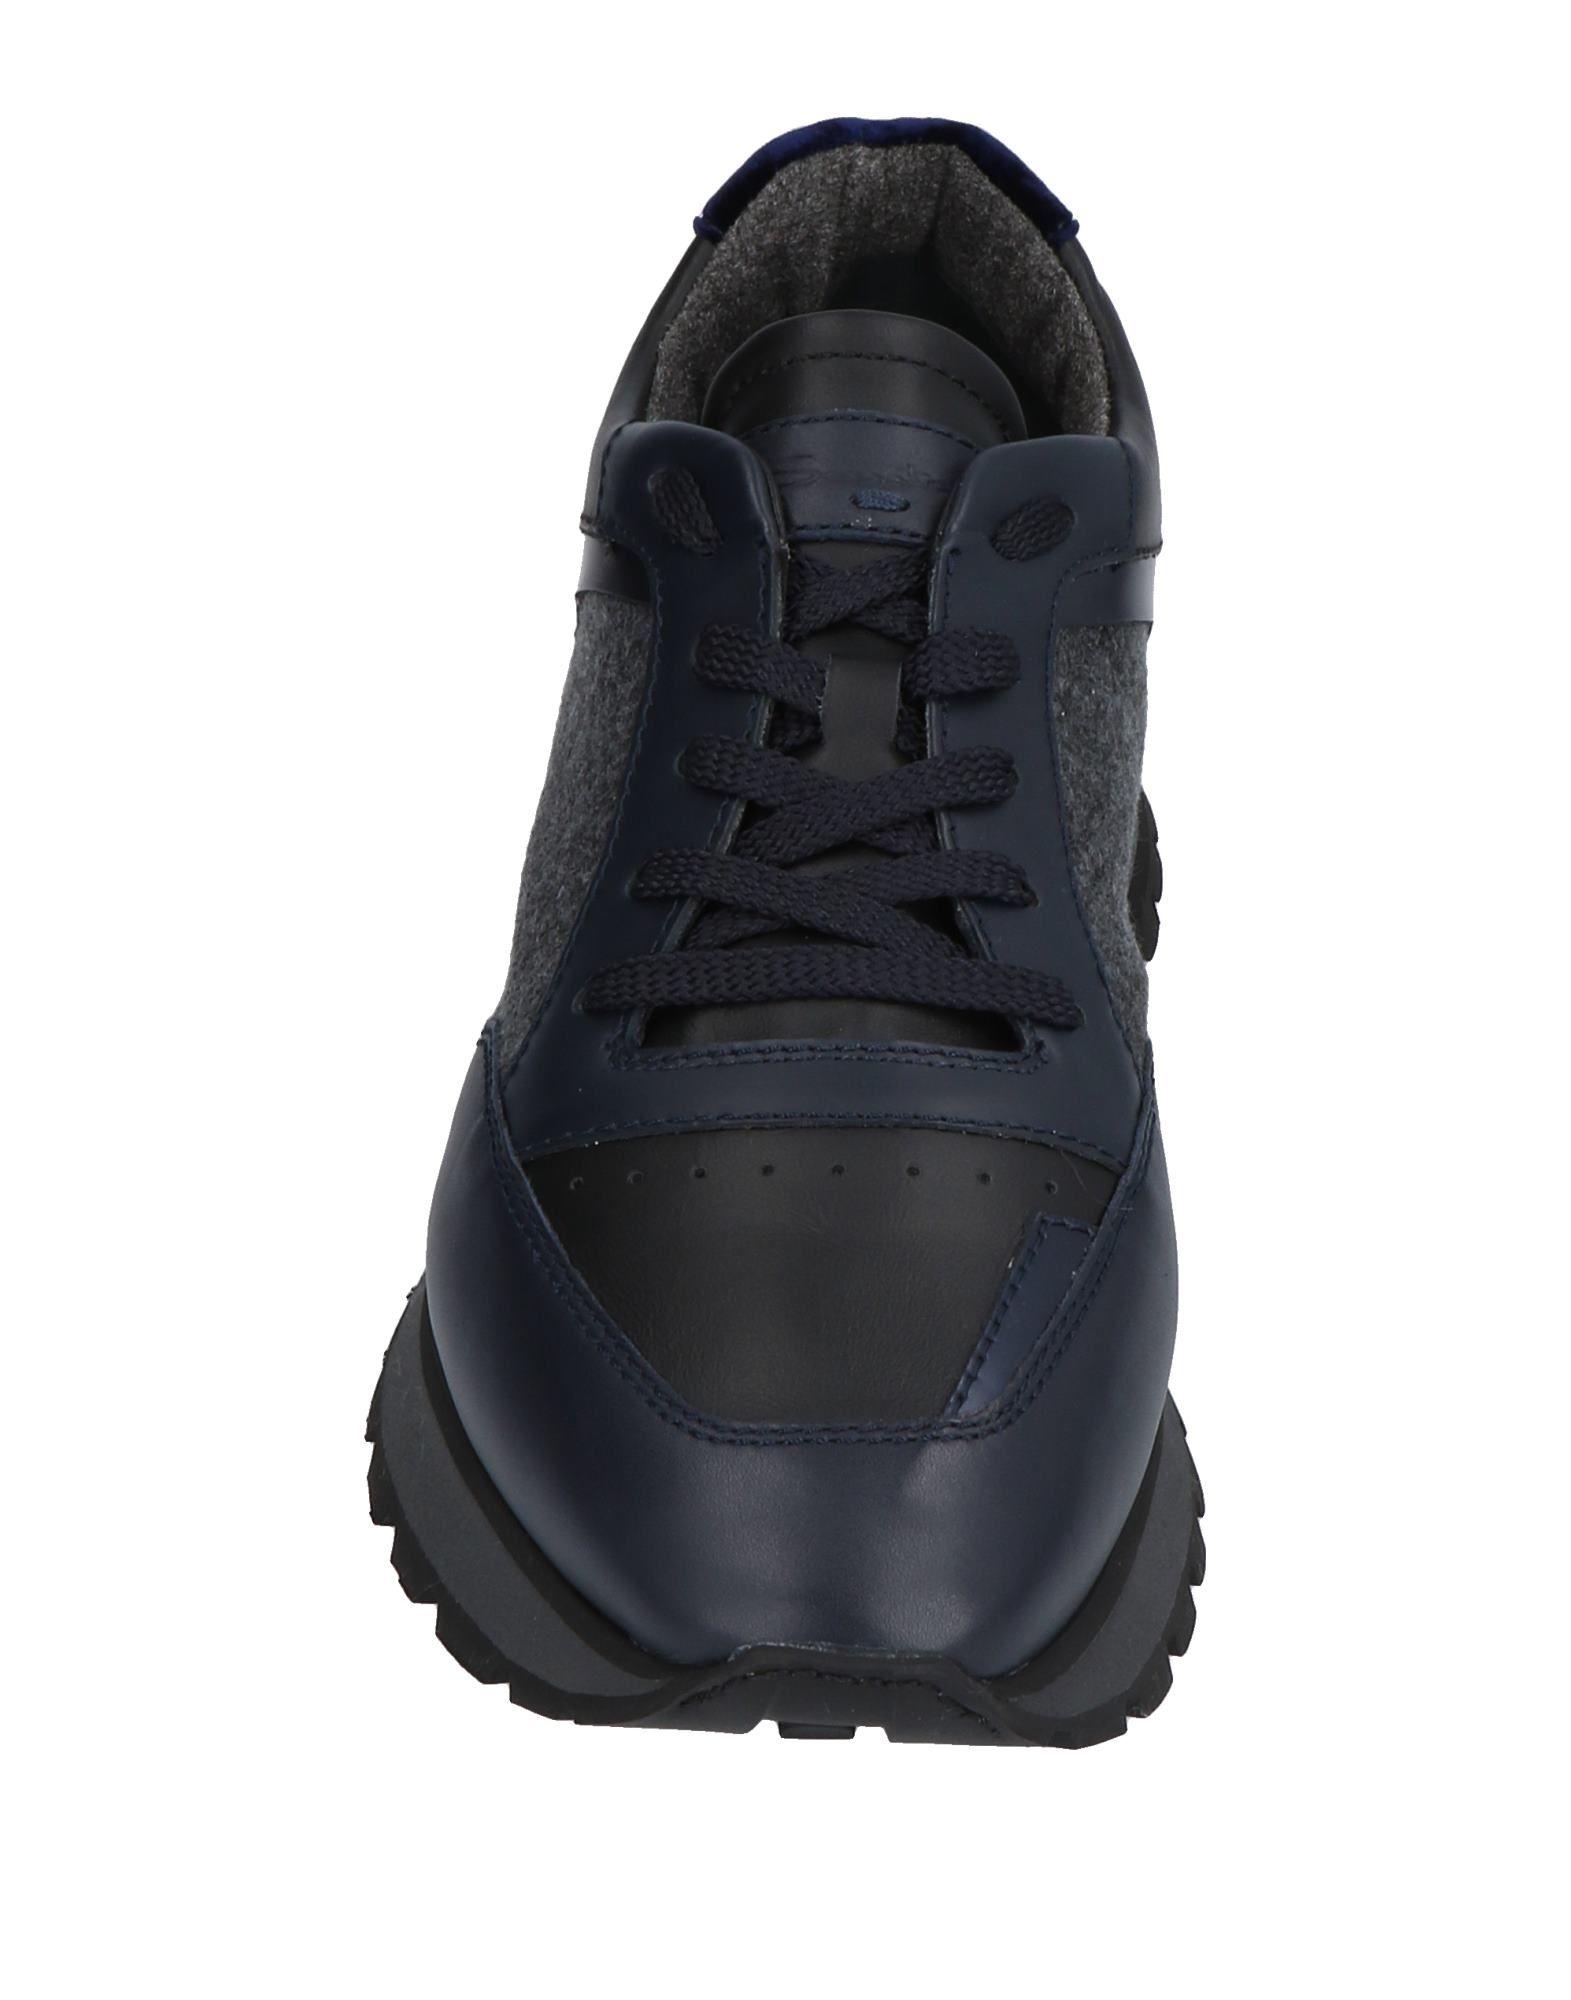 Santoni Sneakers Qualität Herren  11478643JV Gute Qualität Sneakers beliebte Schuhe 567f88